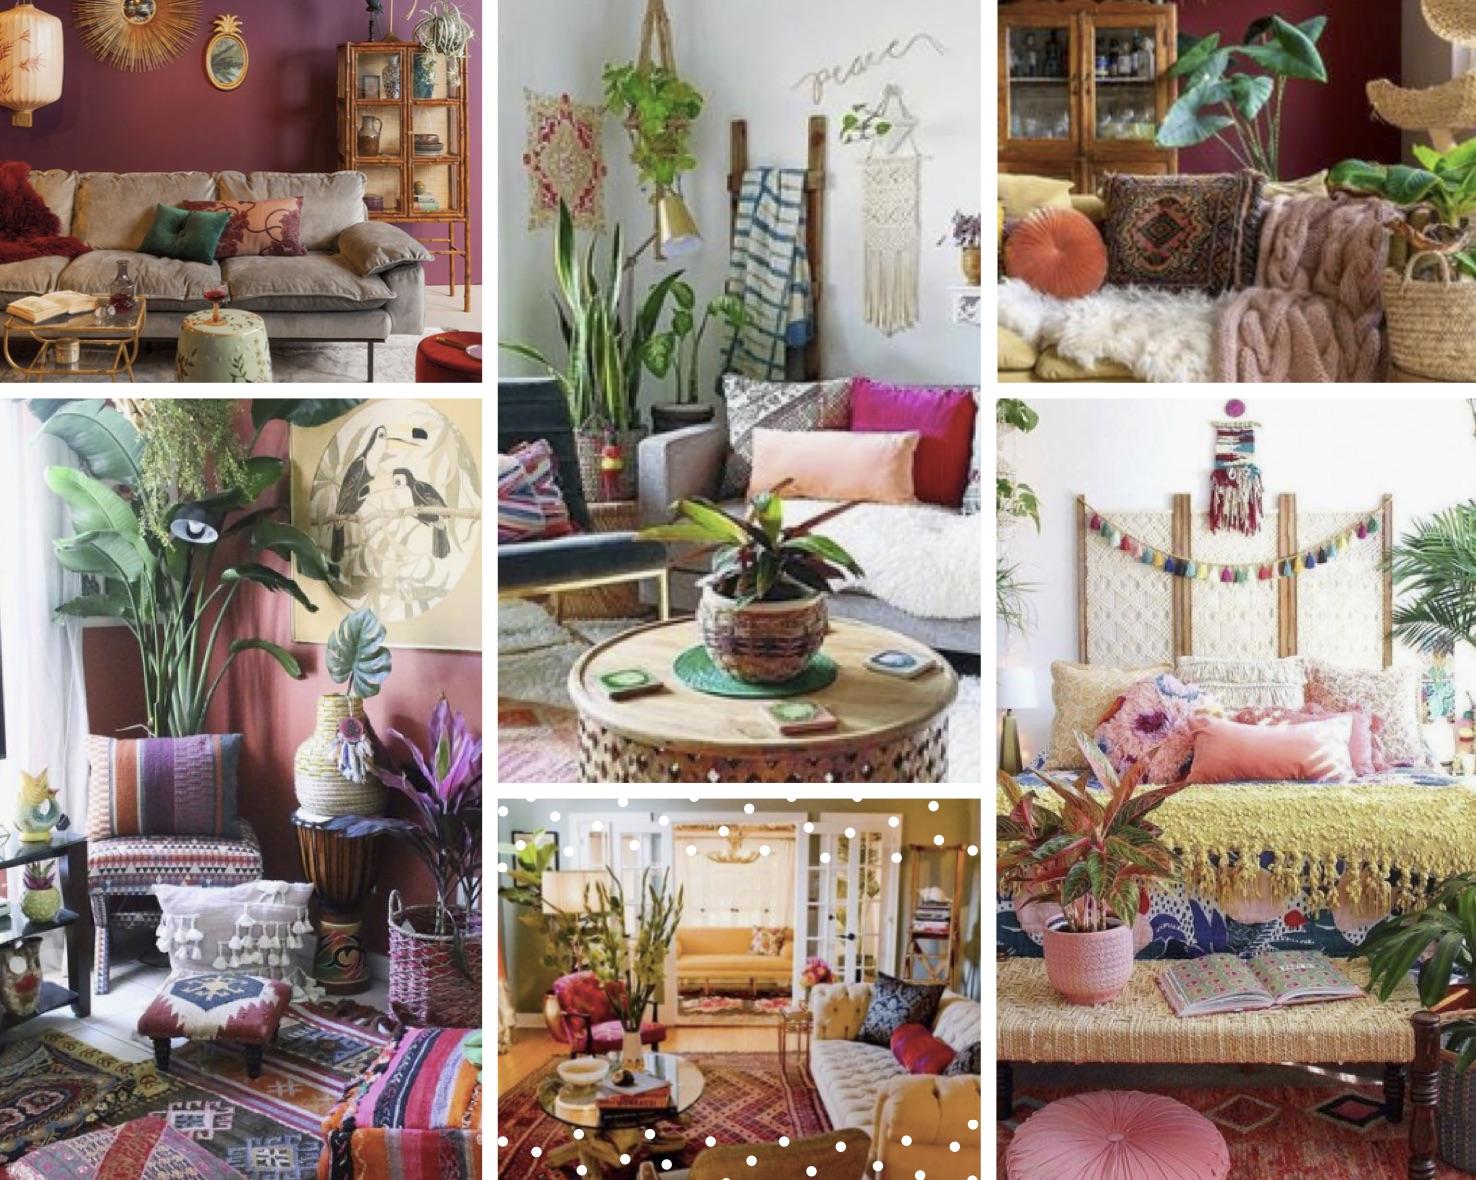 voorbeelden Bohemian interieur